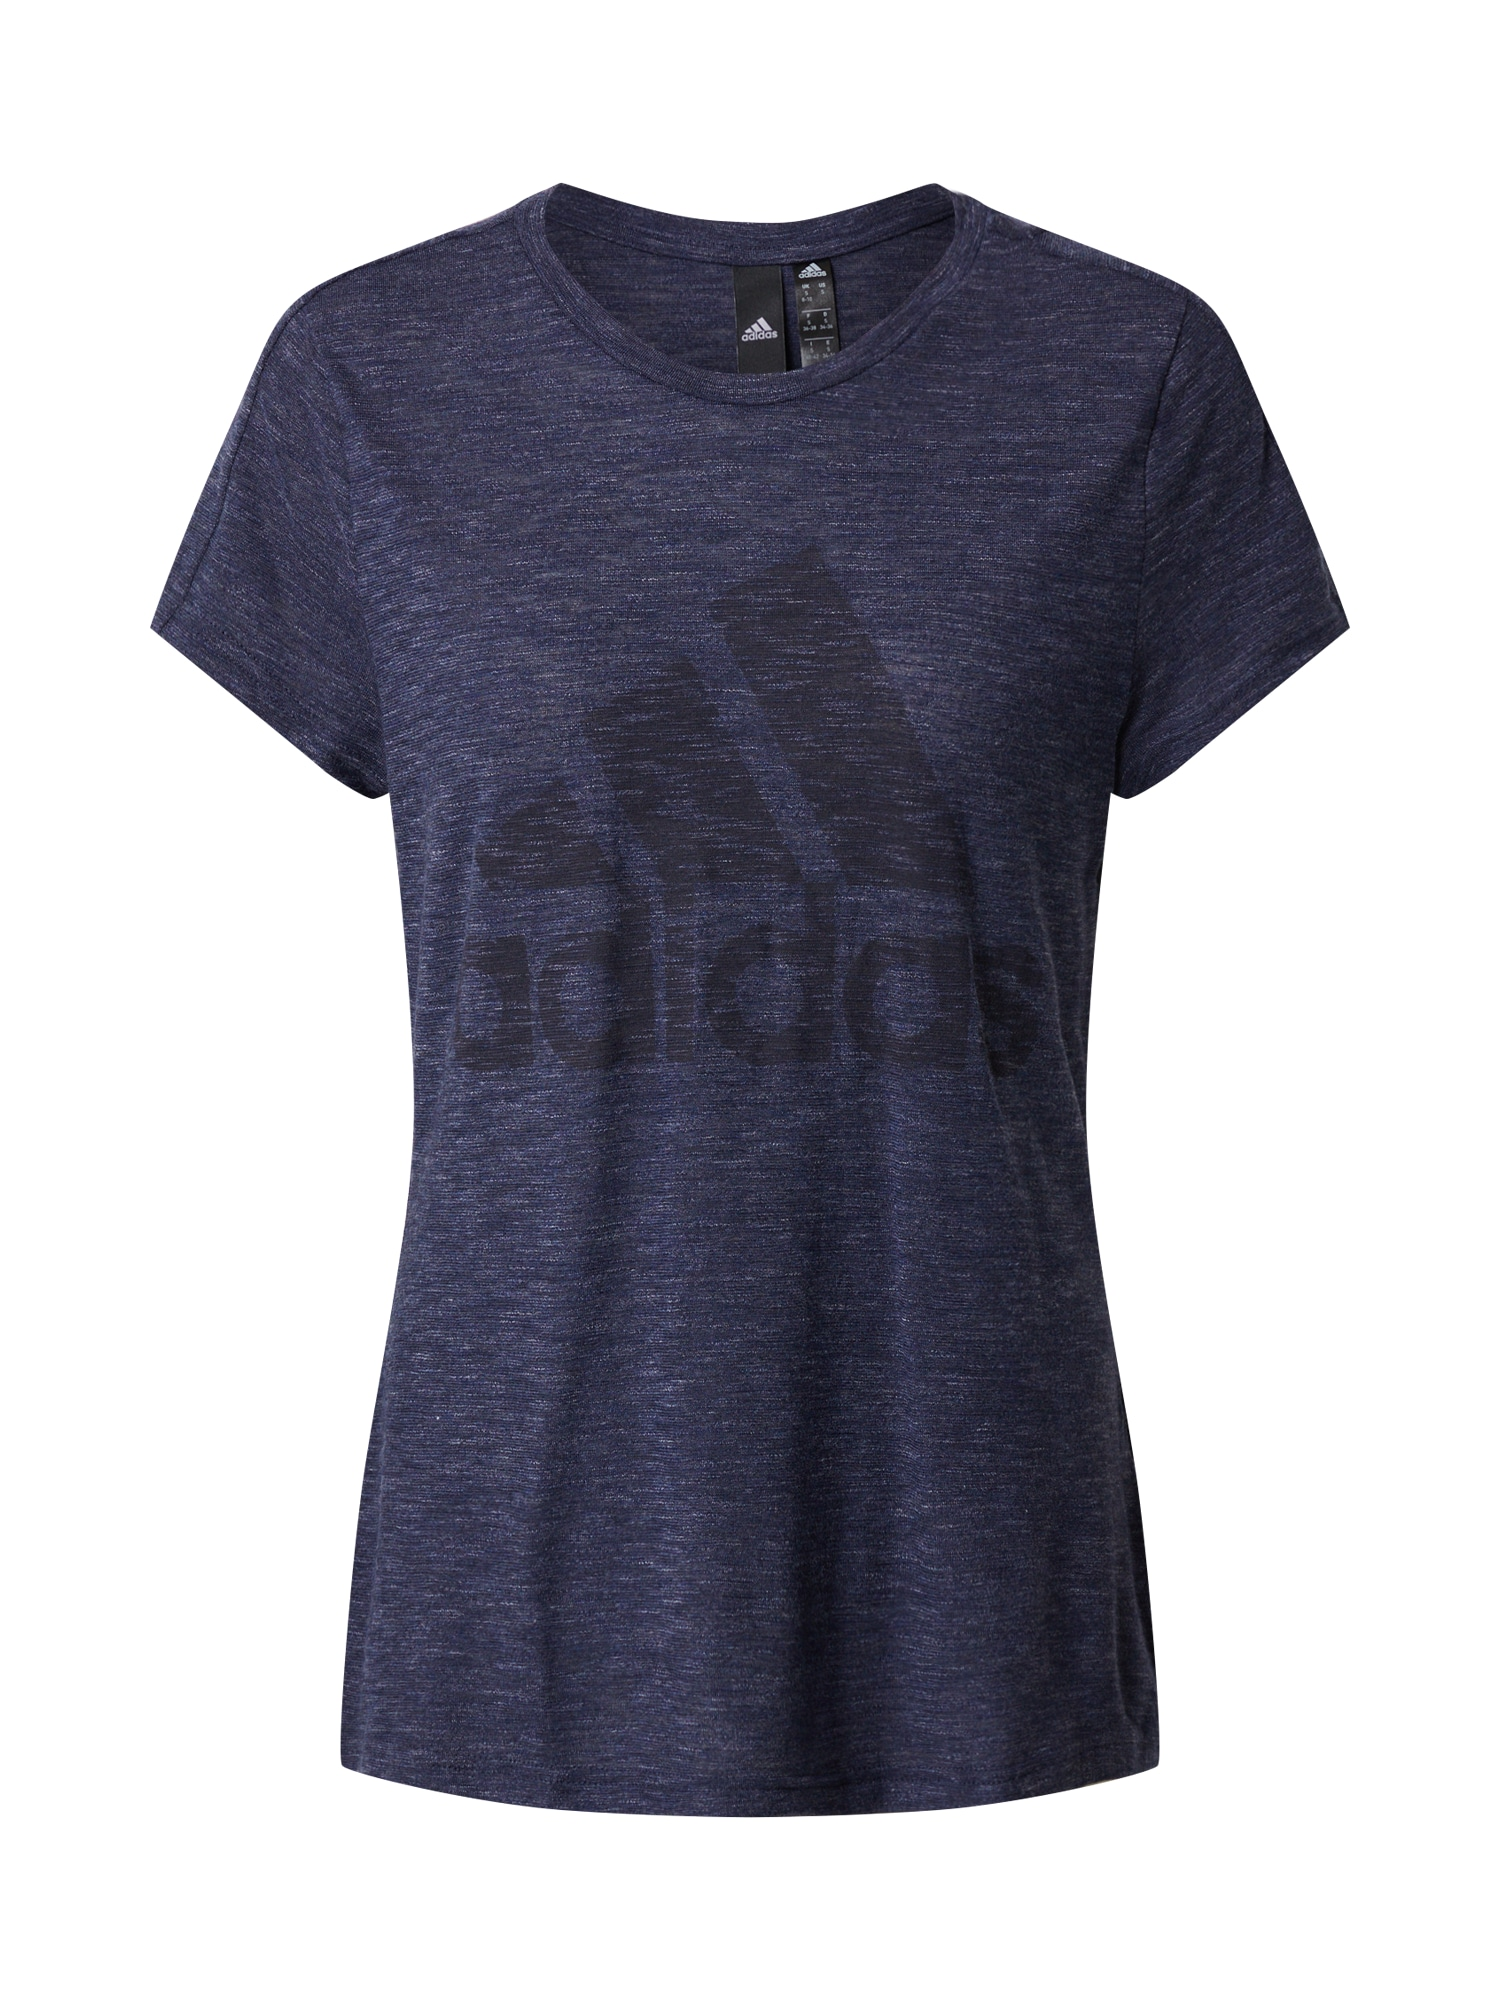 ADIDAS PERFORMANCE Sportiniai marškinėliai 'WINNERS' margai mėlyna